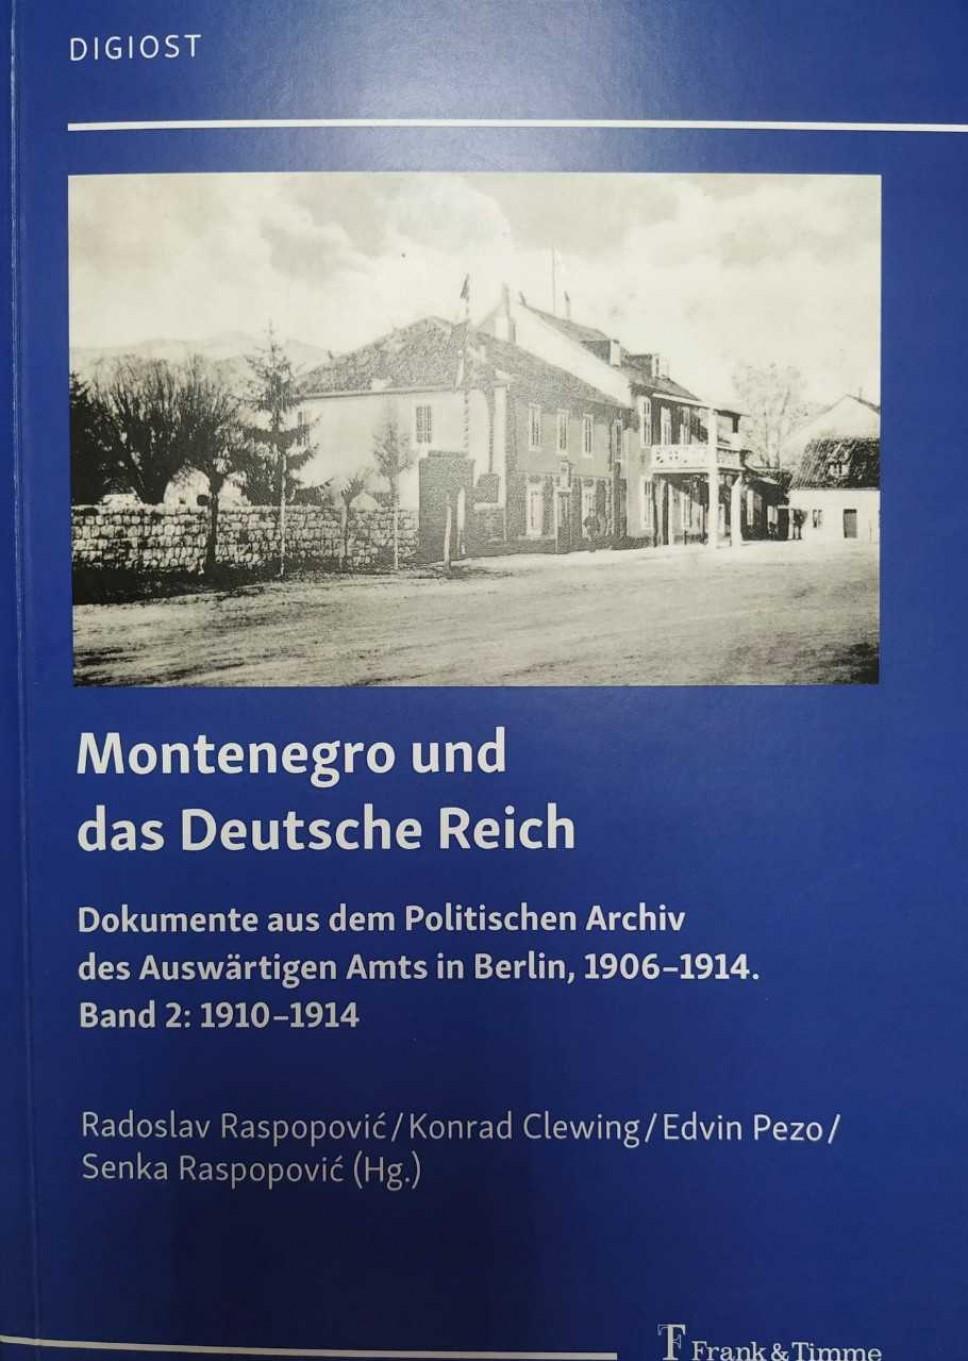 Drugi tom dokumenata u okviru projekta Crna Gora i Njemački Rajh u izdanju Istorijskog instituta UCG